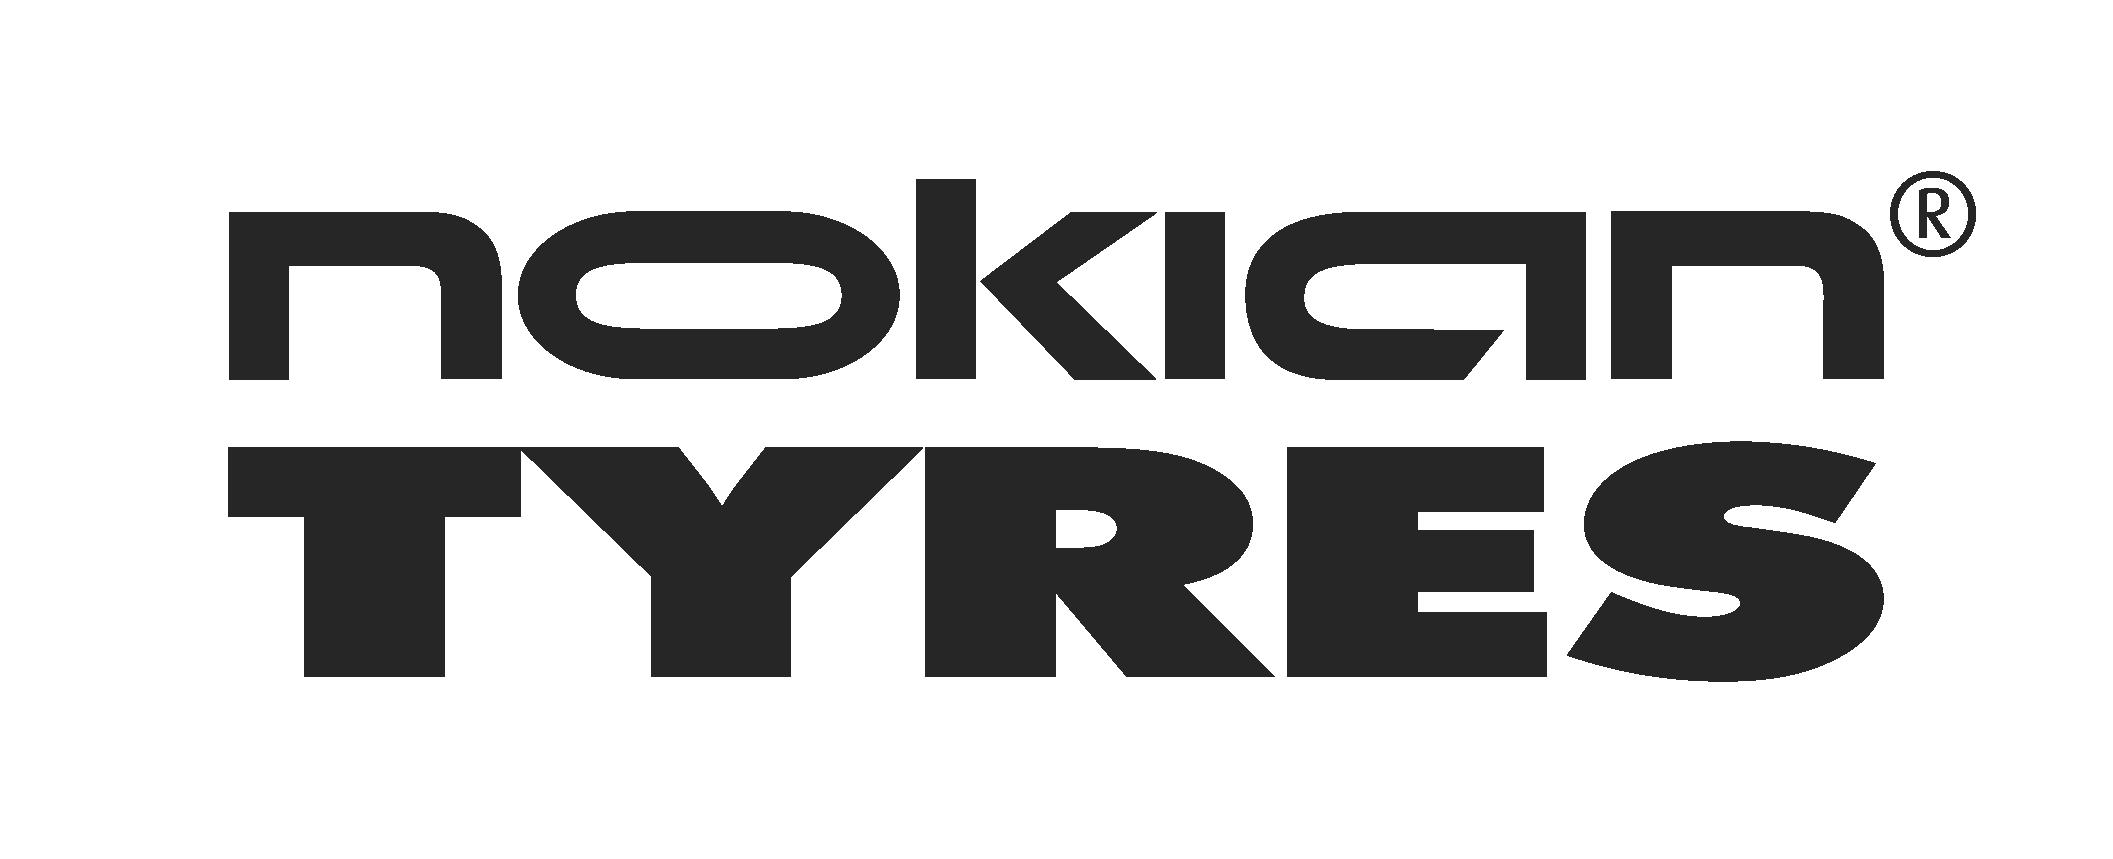 https://www.ustires.org/sites/default/files/Nokian_Tyres_Asphalt_RGB_0.png